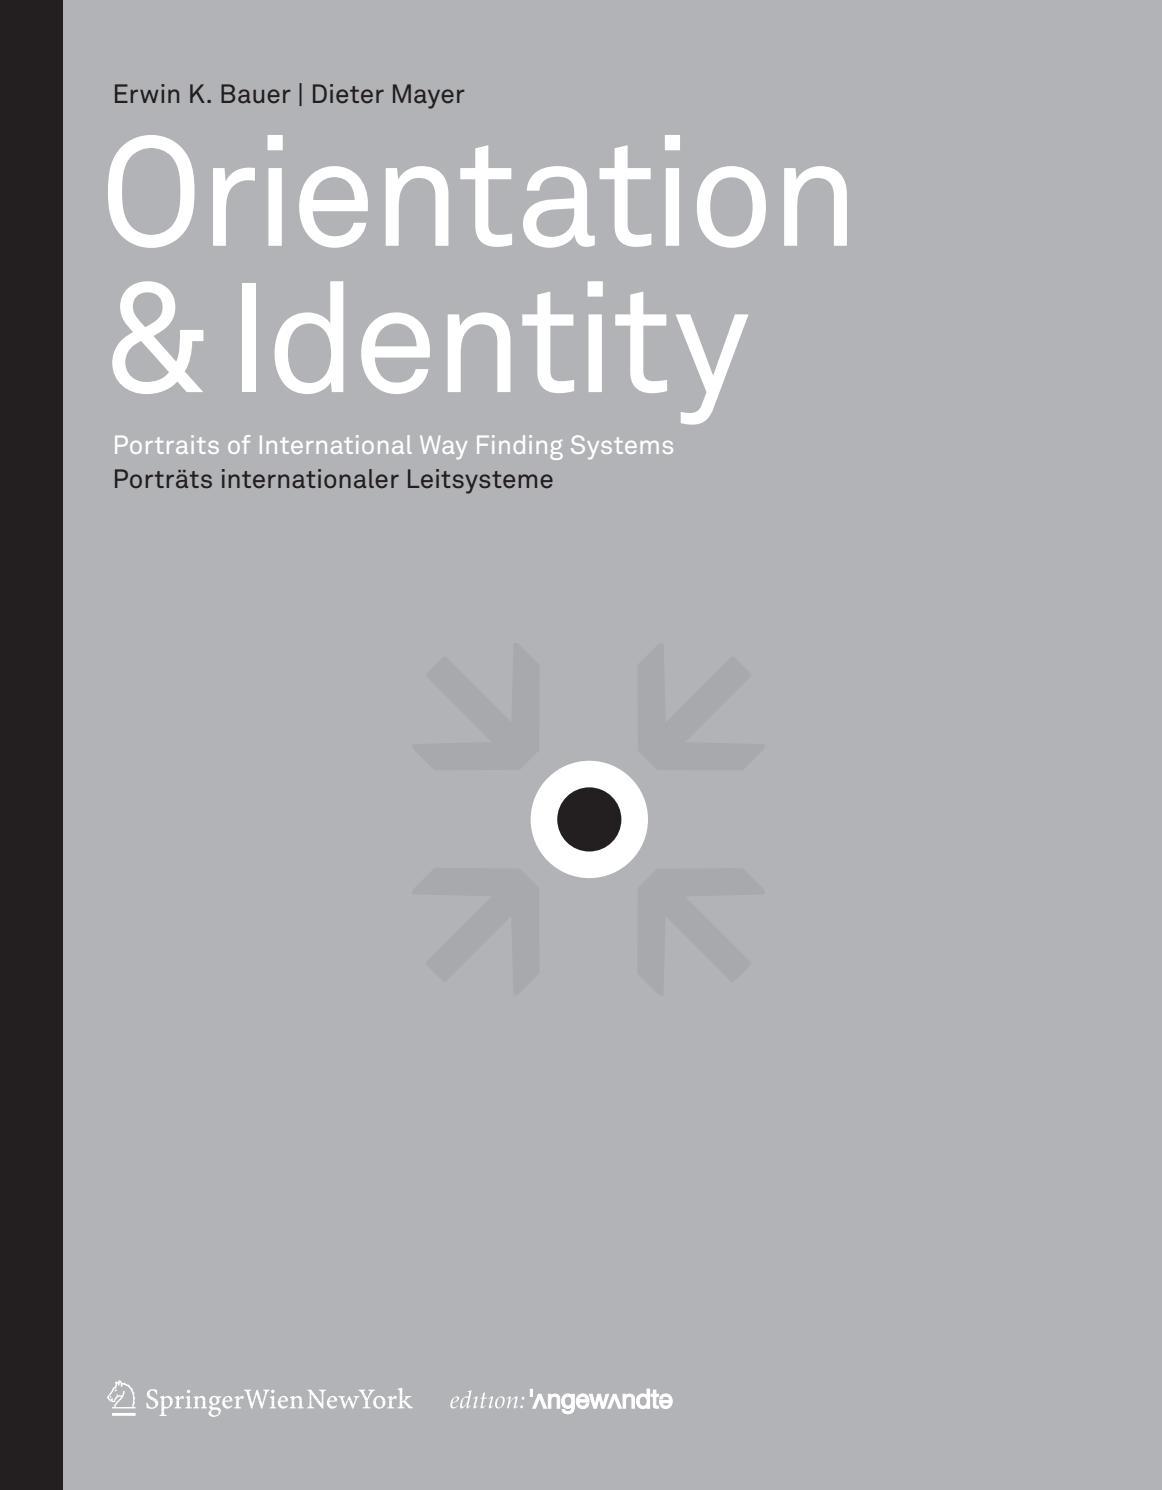 Orientation & Identity by STRUKTIV - Büro für Gestaltung - issuu